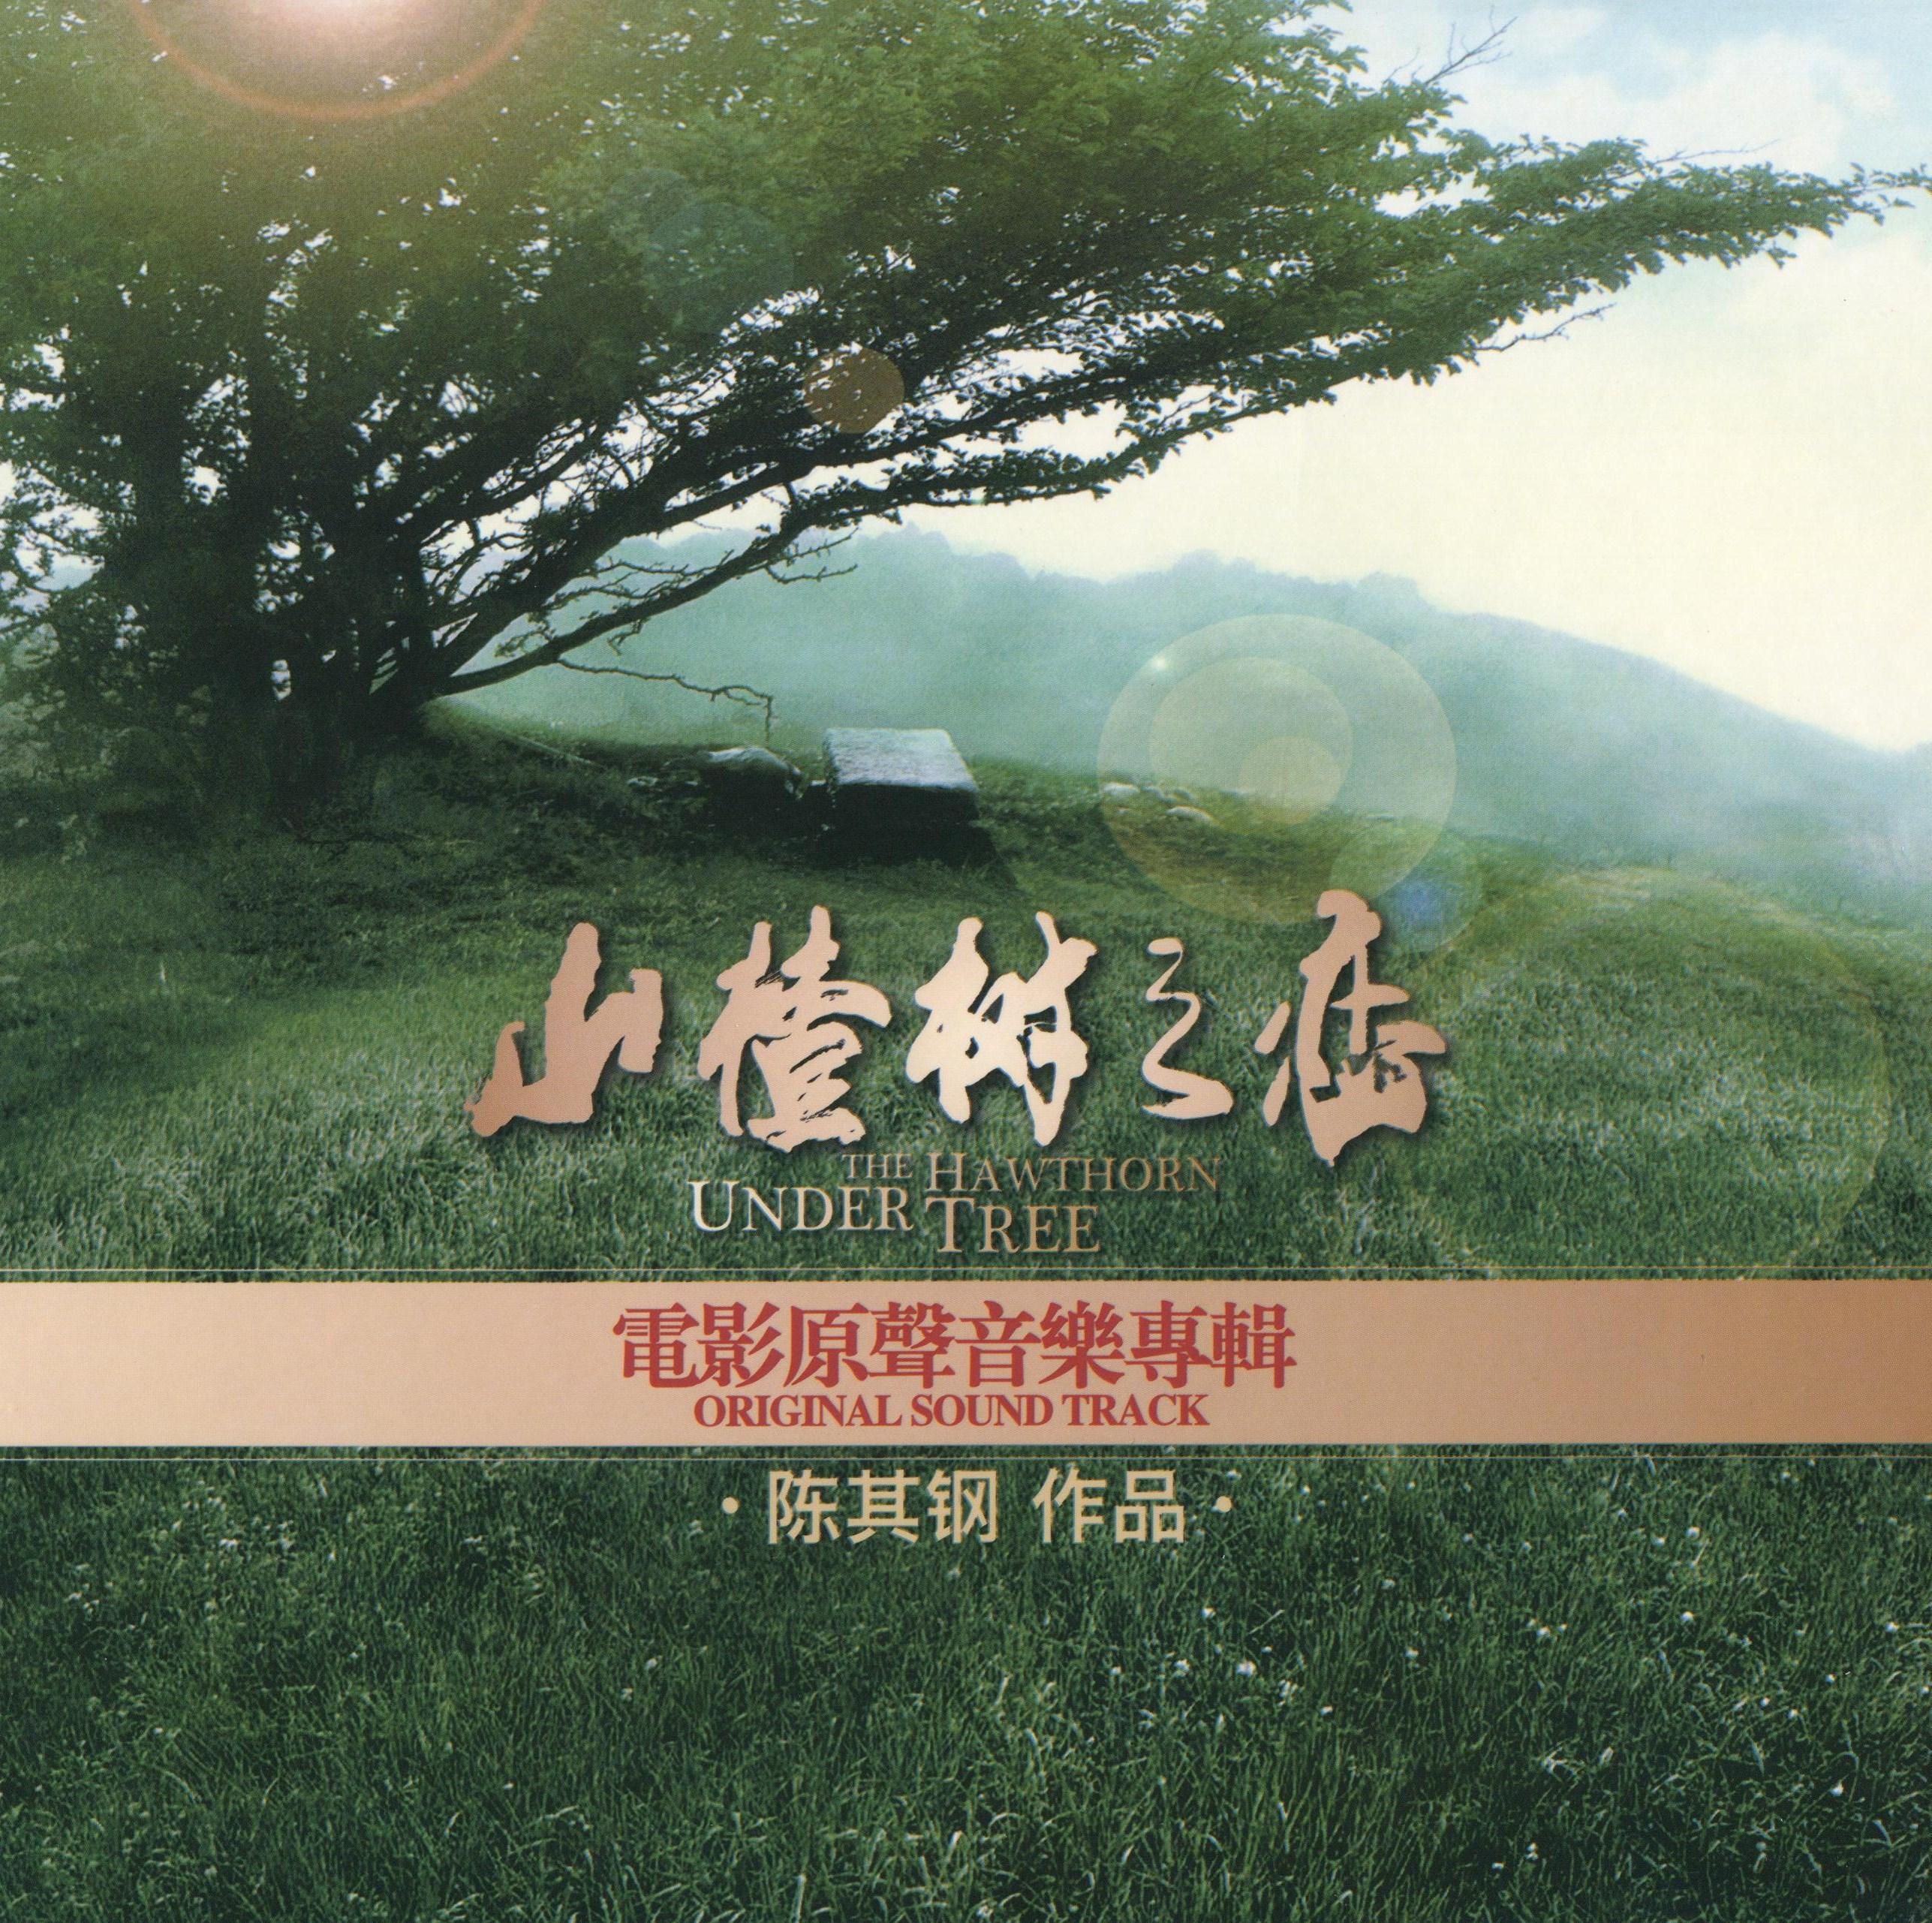 【影视原声】山楂树之恋(电影原声音乐专辑)——陈其钢 - 山夫 - 天地有大美而不言